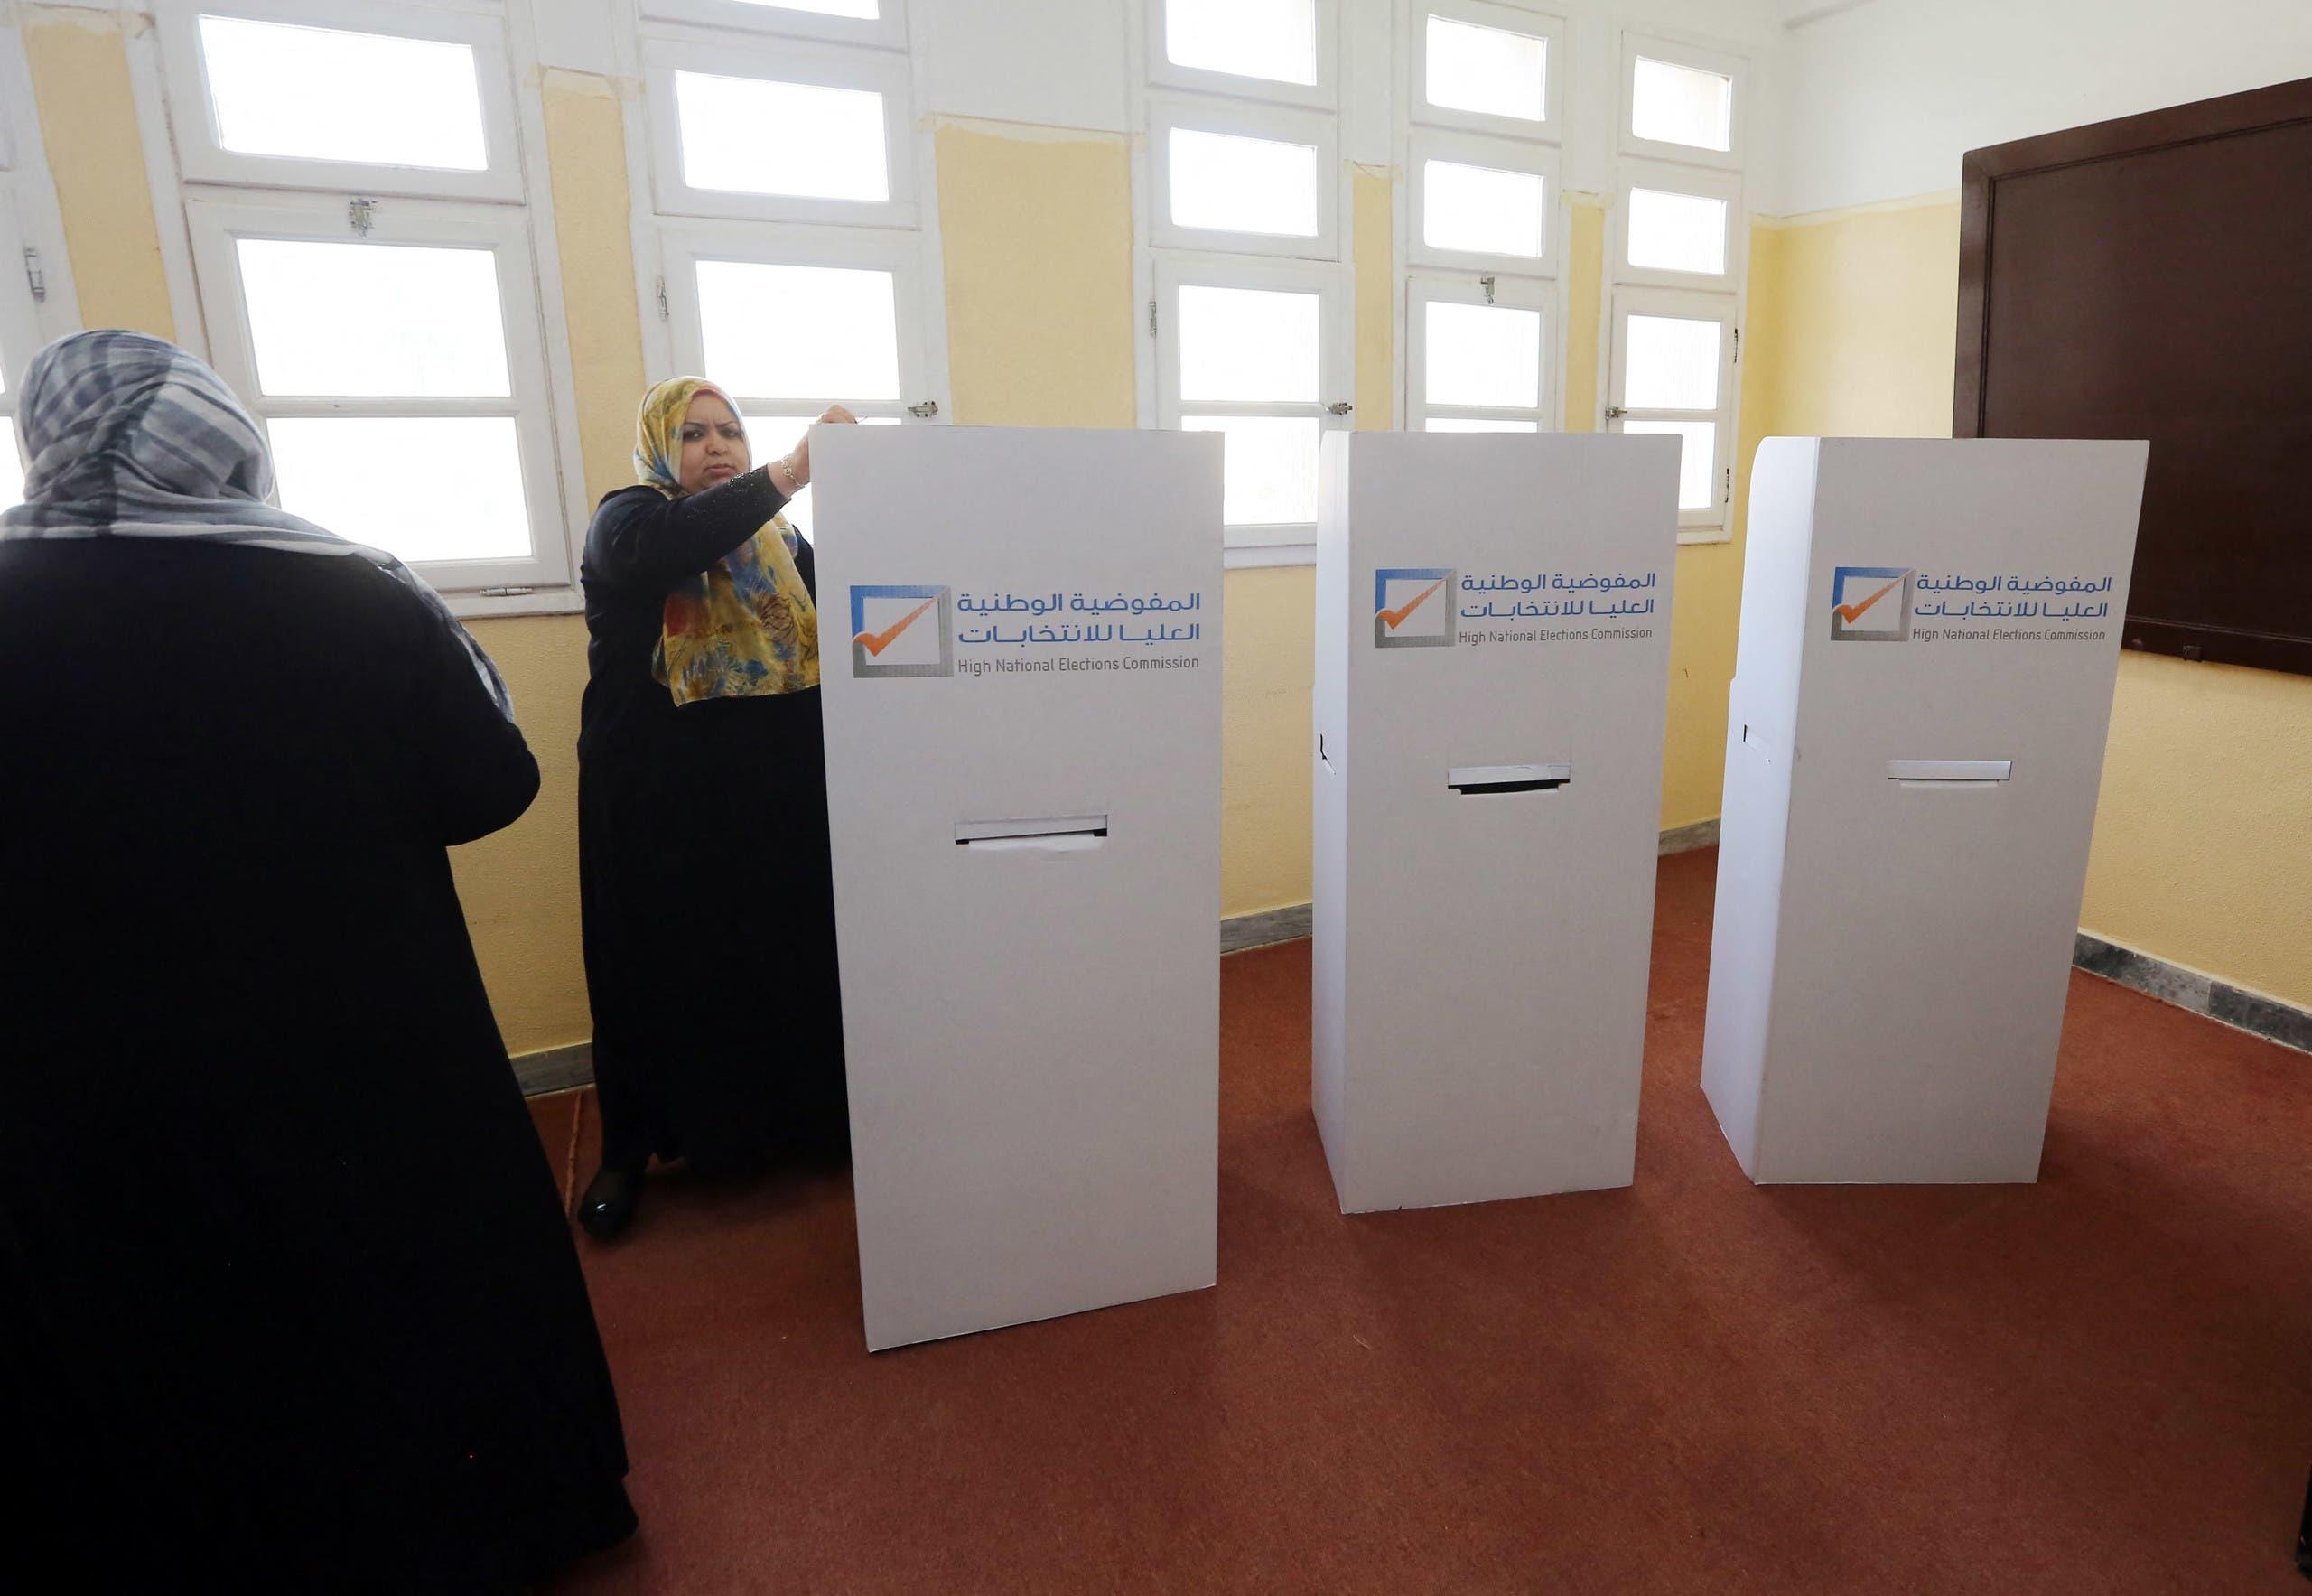 سيدة تدلي بصوتها في آخر انتخابات شهدتها ليبيا في 2014